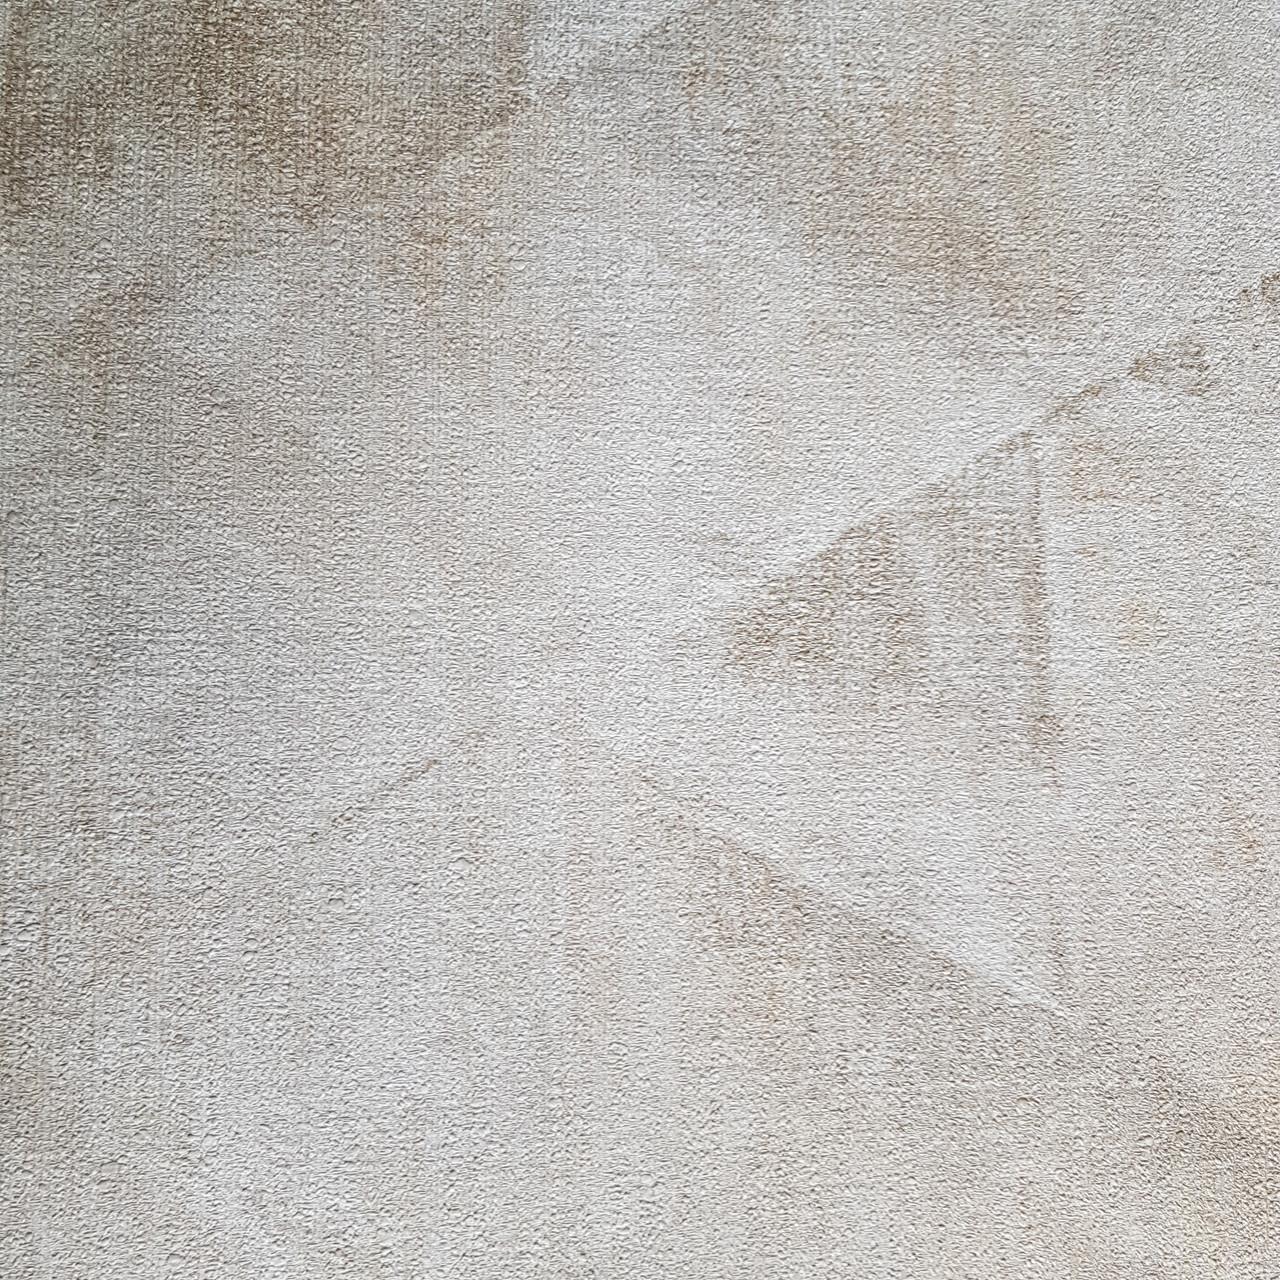 Обои виниловые на флизелине Rasch Victoria метровые абстракция размытая геометрия бежевые золотистые